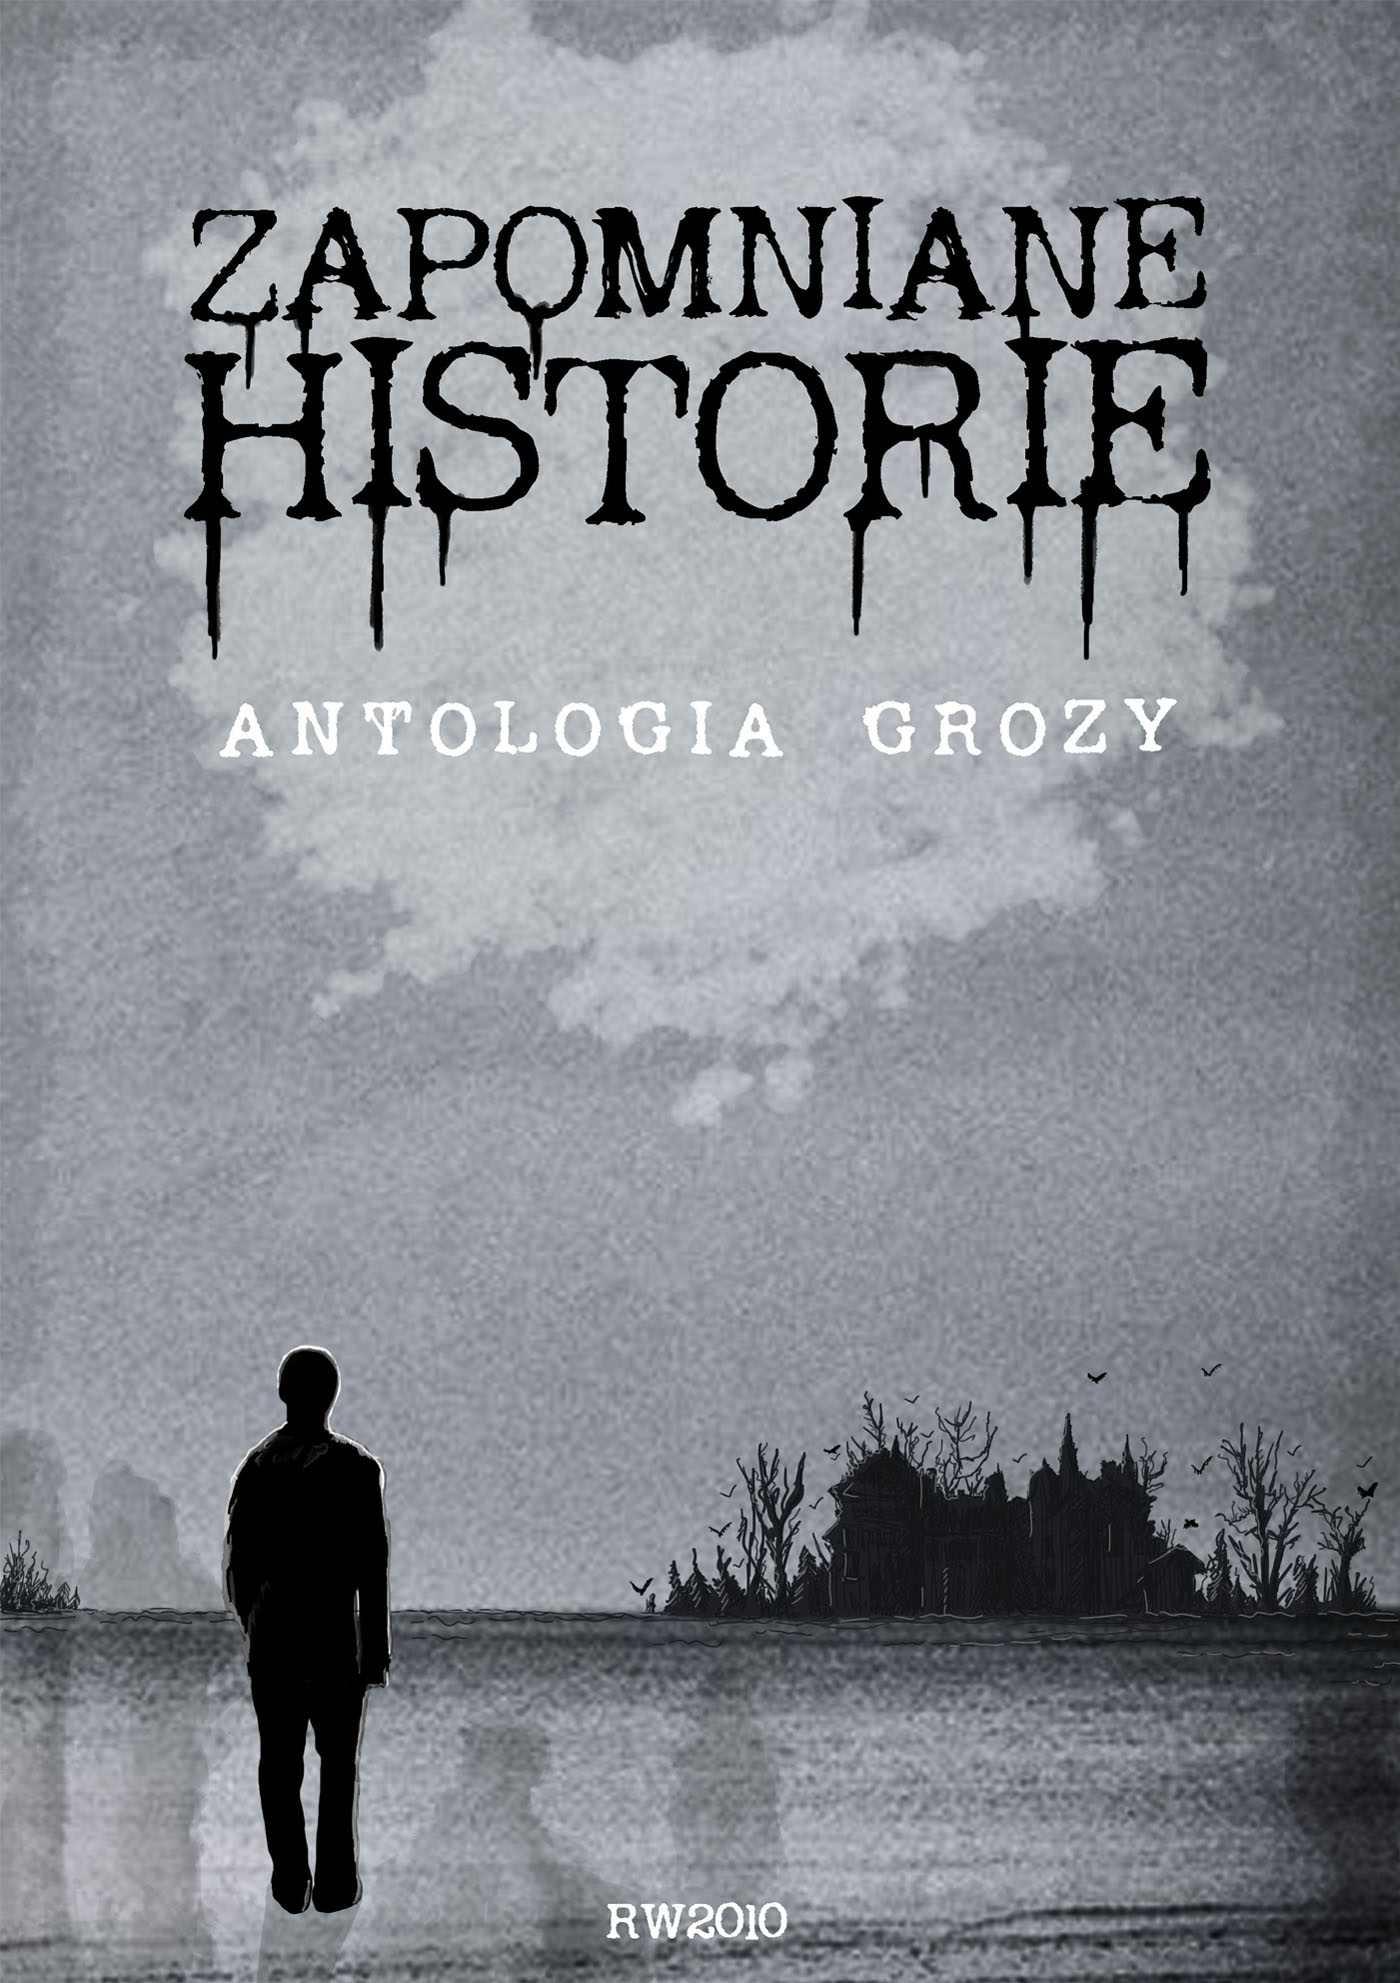 Zapomniane historie - Ebook (Książka na Kindle) do pobrania w formacie MOBI